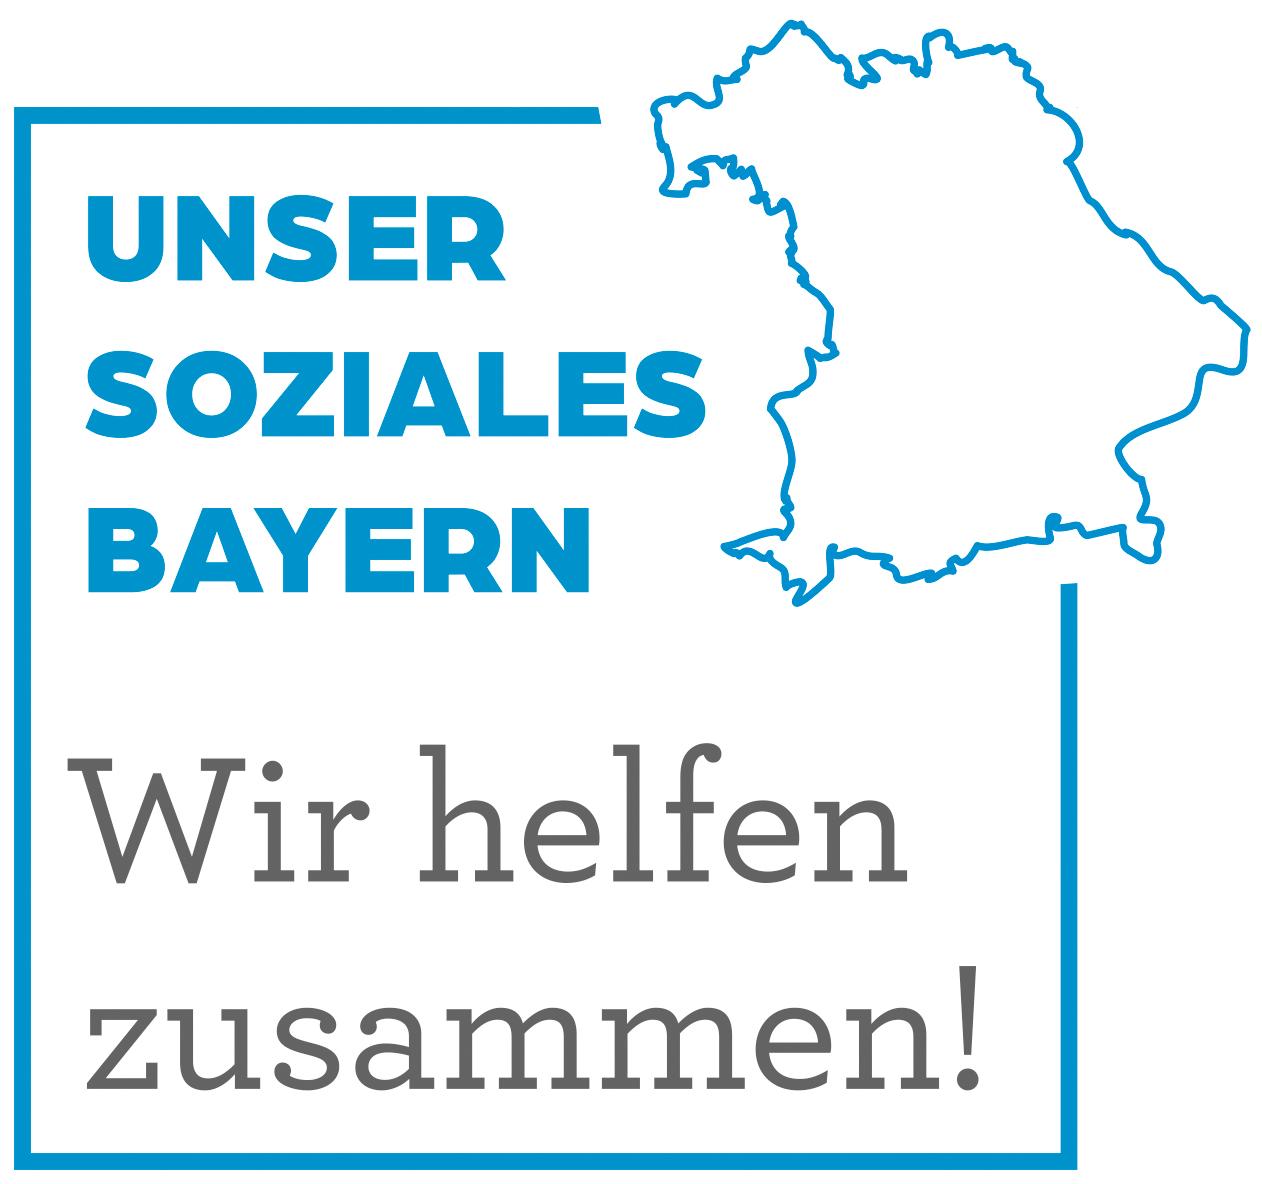 UNSER SOZIALES Bayern - Wir helfen zusammen!